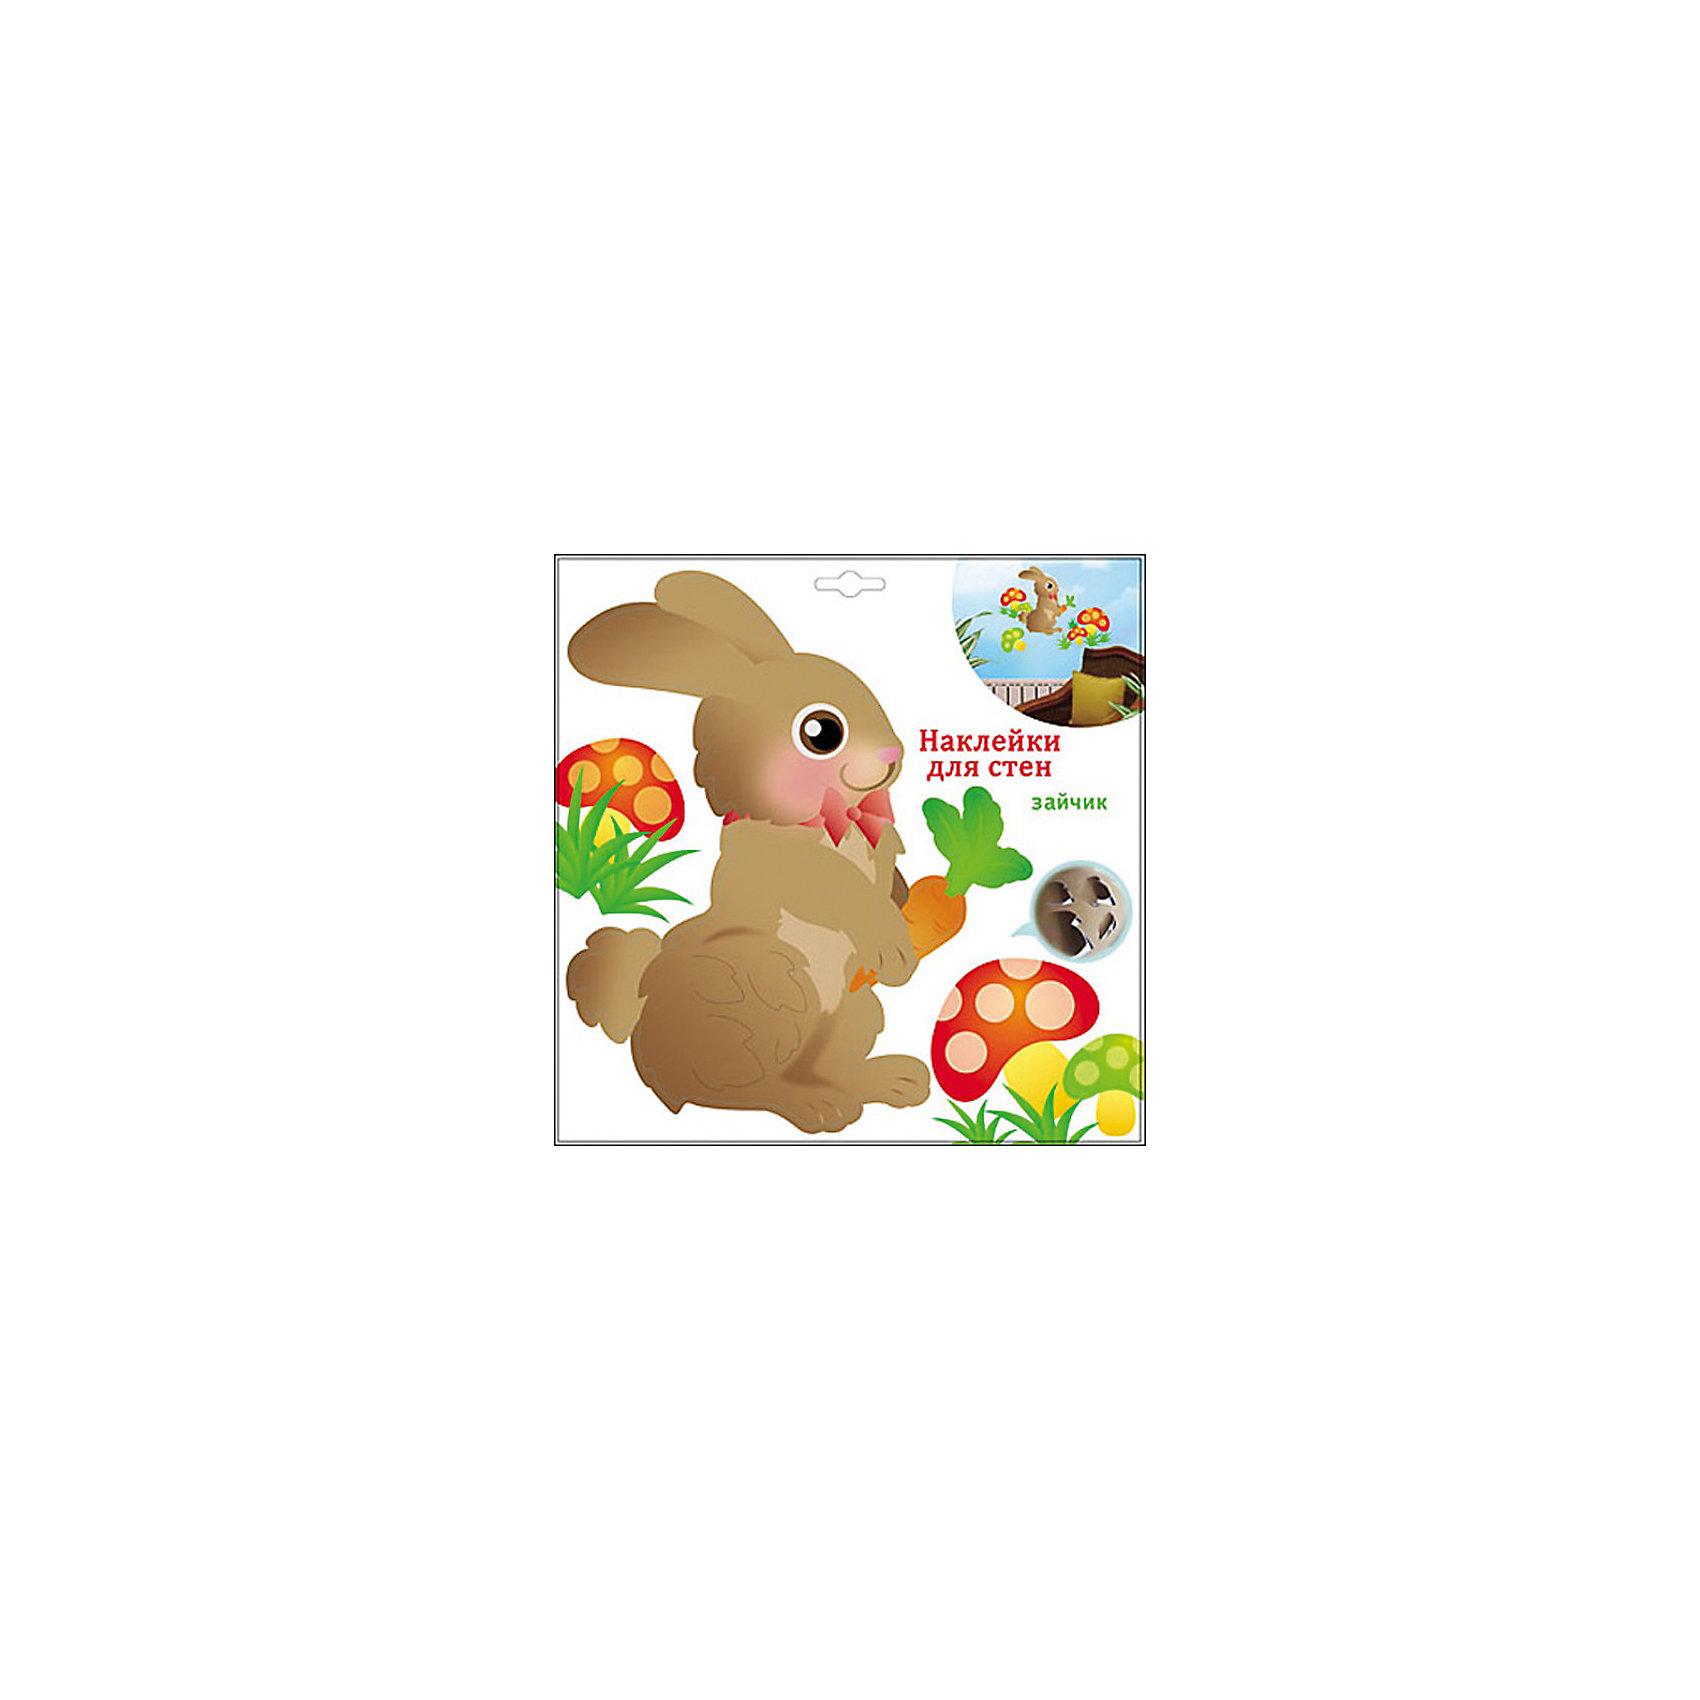 Наклейки для стен ЗайчикНаклейки для стен Зайчик замечательно подойдет для украшения детской комнаты, спальни или мебели. Красочные наклейки с изображением симпатичного зайчика будут радовать Вашего ребенка и создавать атмосферу домашнего уюта.<br><br>Дополнительная информация:<br><br>- Размер упаковки: 25 х 25 см. <br>- Вес: 46 гр. <br><br>Наклейки для стен Зайчик можно купить в нашем интернет-магазине.<br><br>Ширина мм: 250<br>Глубина мм: 250<br>Высота мм: 250<br>Вес г: 46<br>Возраст от месяцев: 36<br>Возраст до месяцев: 120<br>Пол: Унисекс<br>Возраст: Детский<br>SKU: 3919911